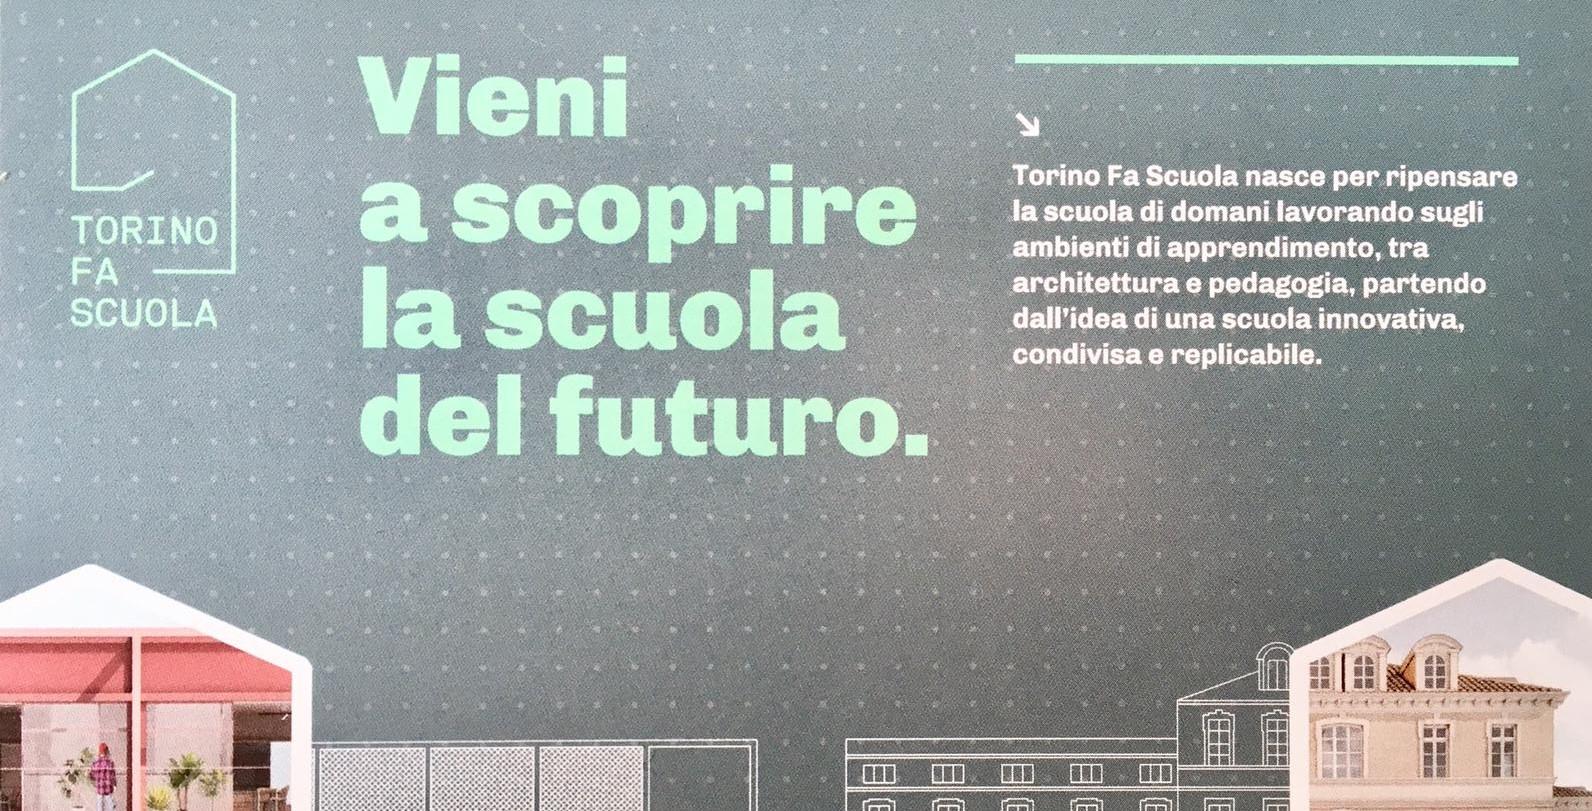 Inaugura la Giovanni Pascoli, scuola del futuro.